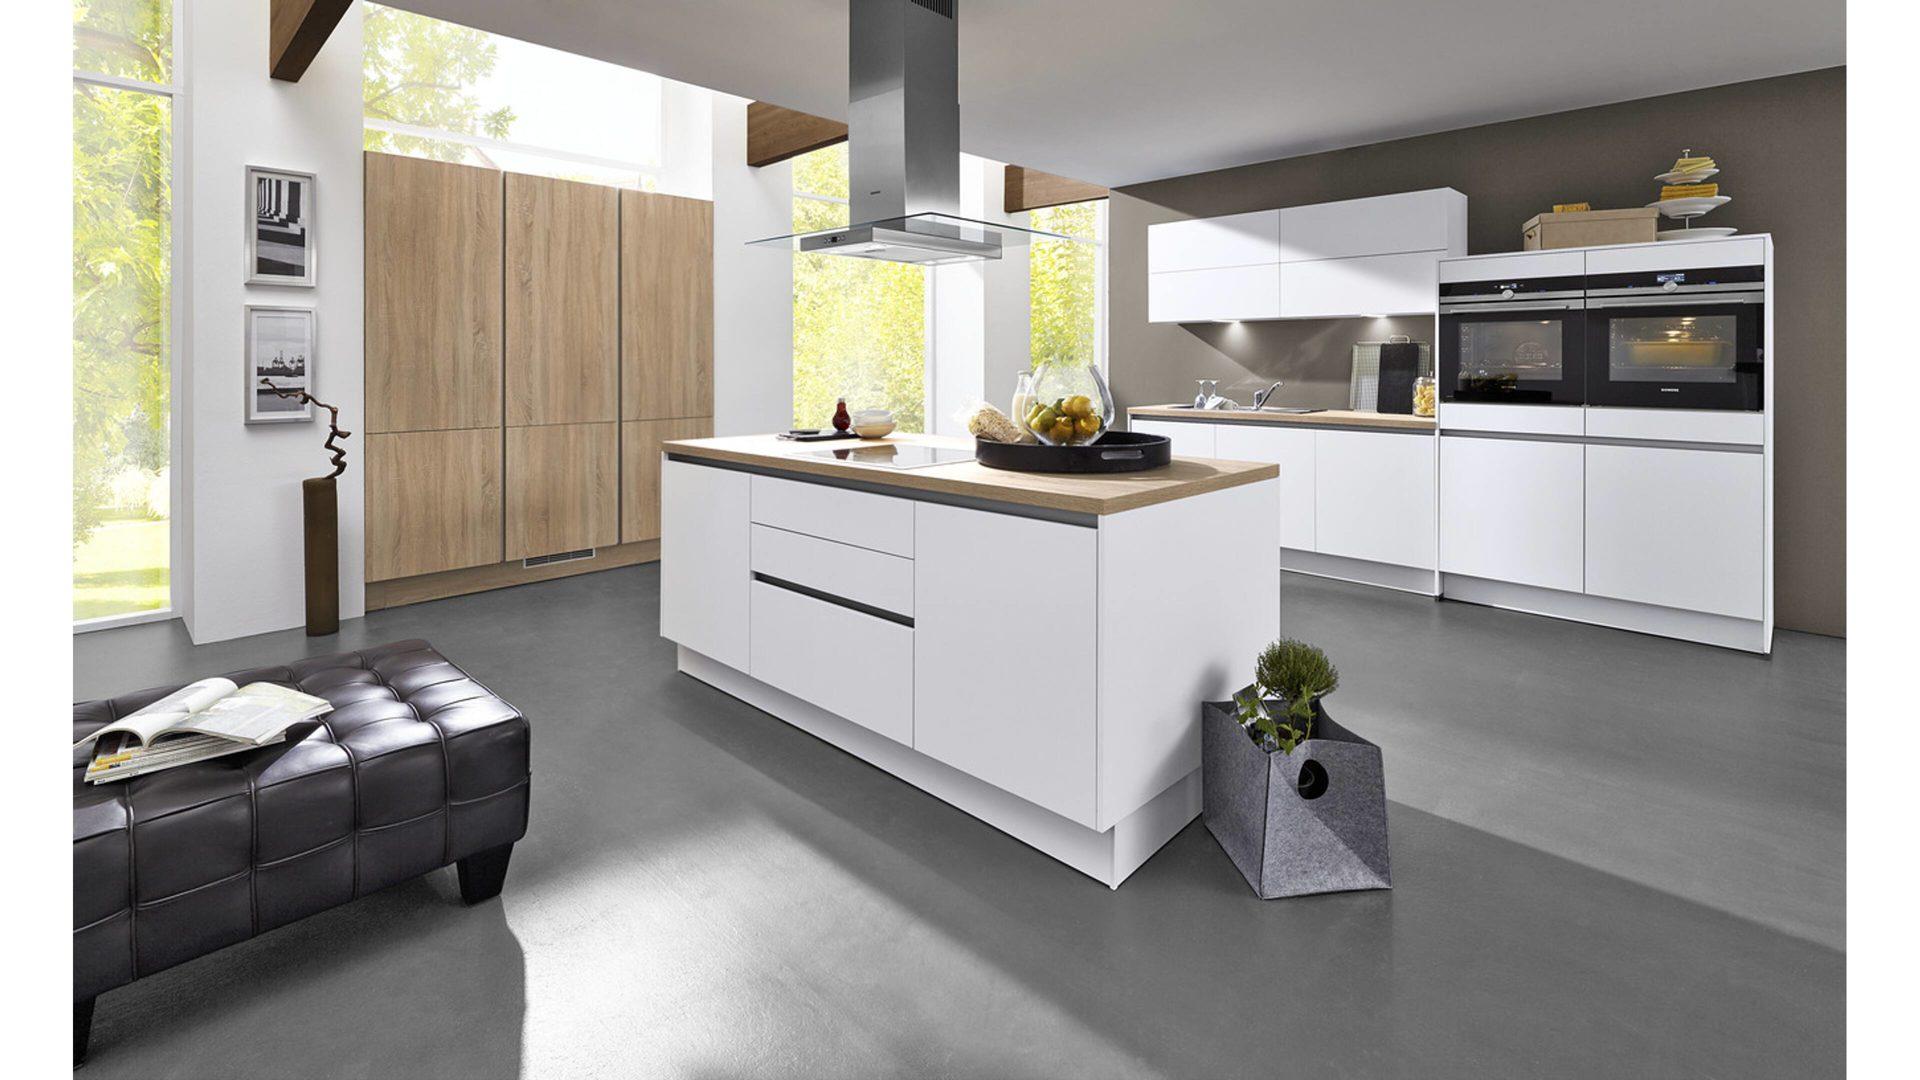 Möbel Steffens Küchen küche culineo einbauküche einbauküche systemküche lamstedt